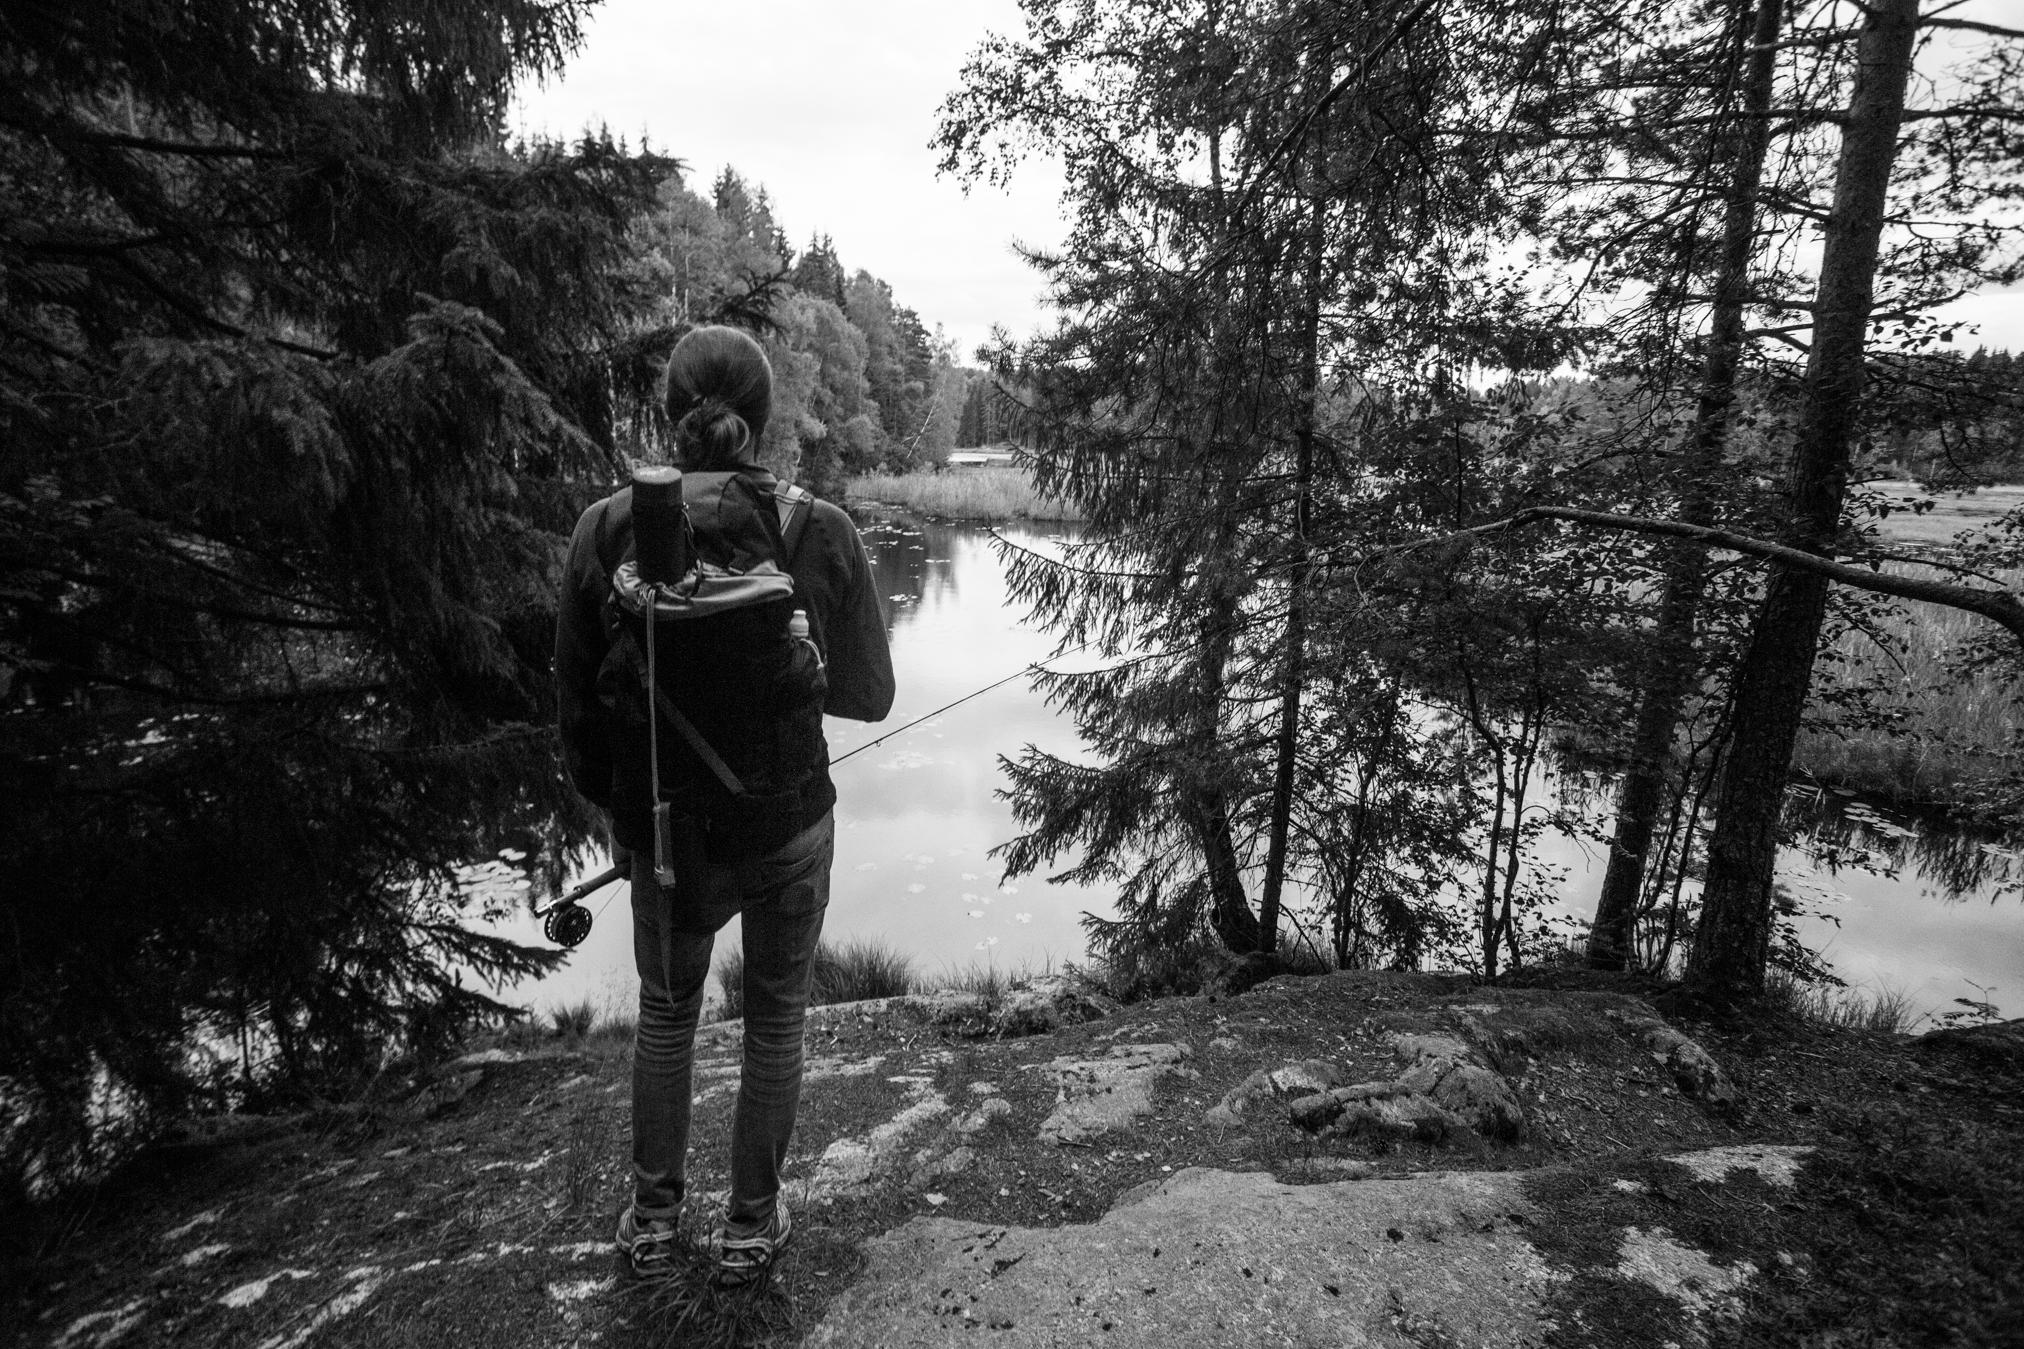 010815_fausko_løkka_minigollf_østensjø_fisking_chris-2.jpg